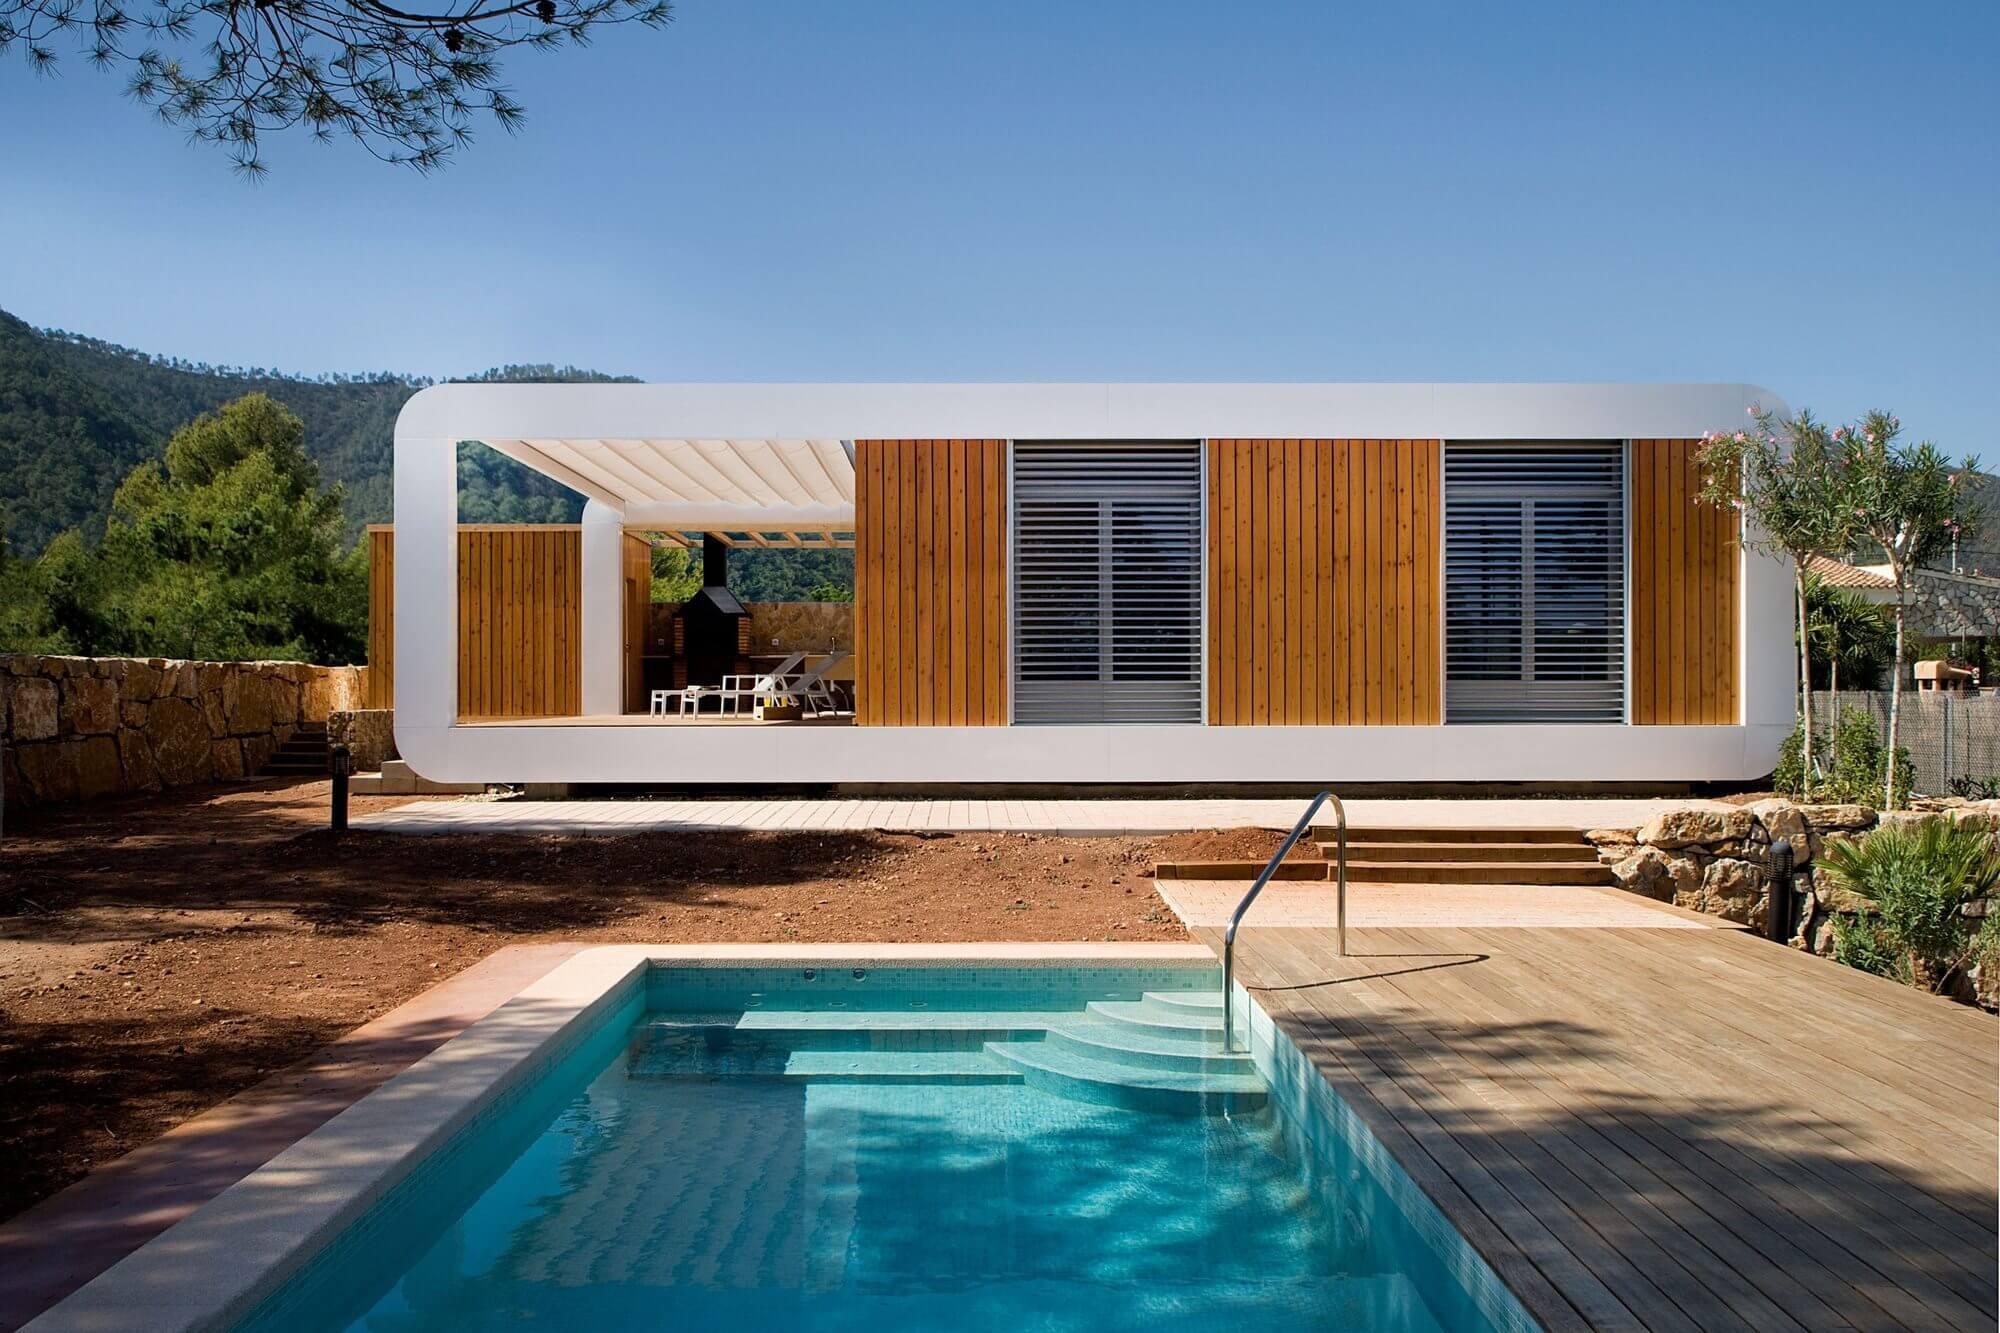 54912022e58ece19380001fc ecological house 3 0 noem portada2 - Casa Ecológica 3.0